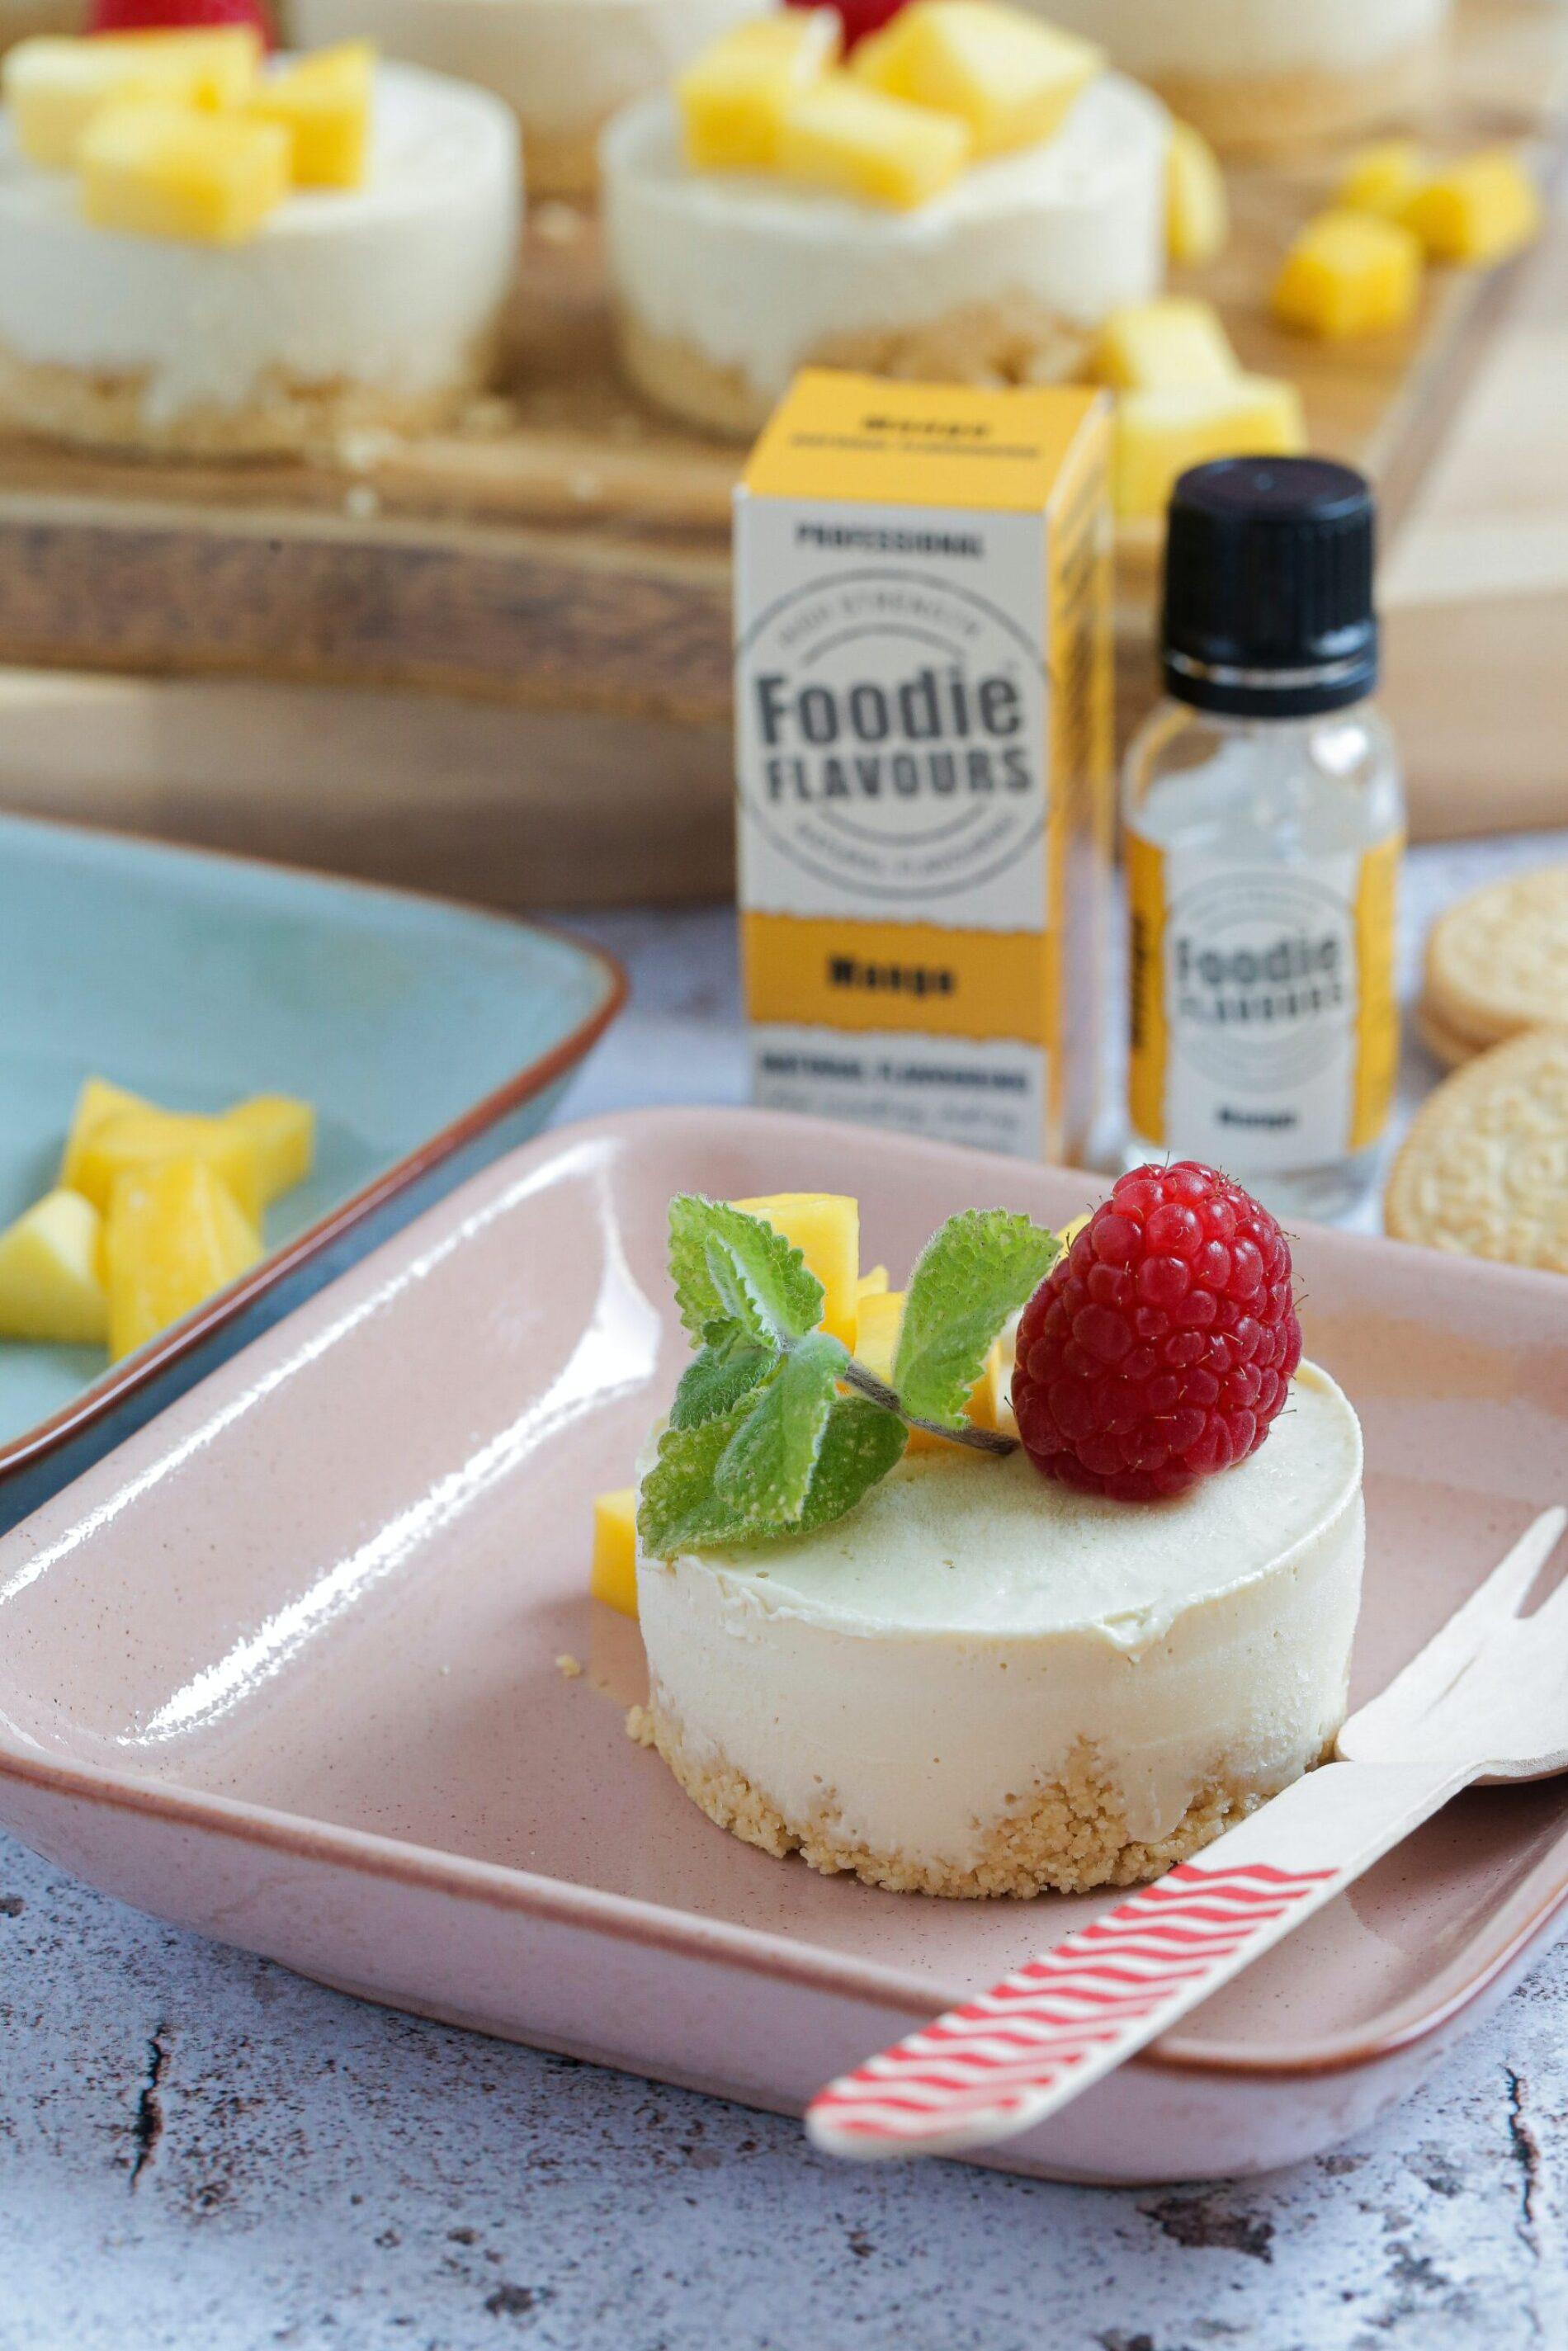 Postres saludables con yogurt y whey protein para disfrutar en Navidad